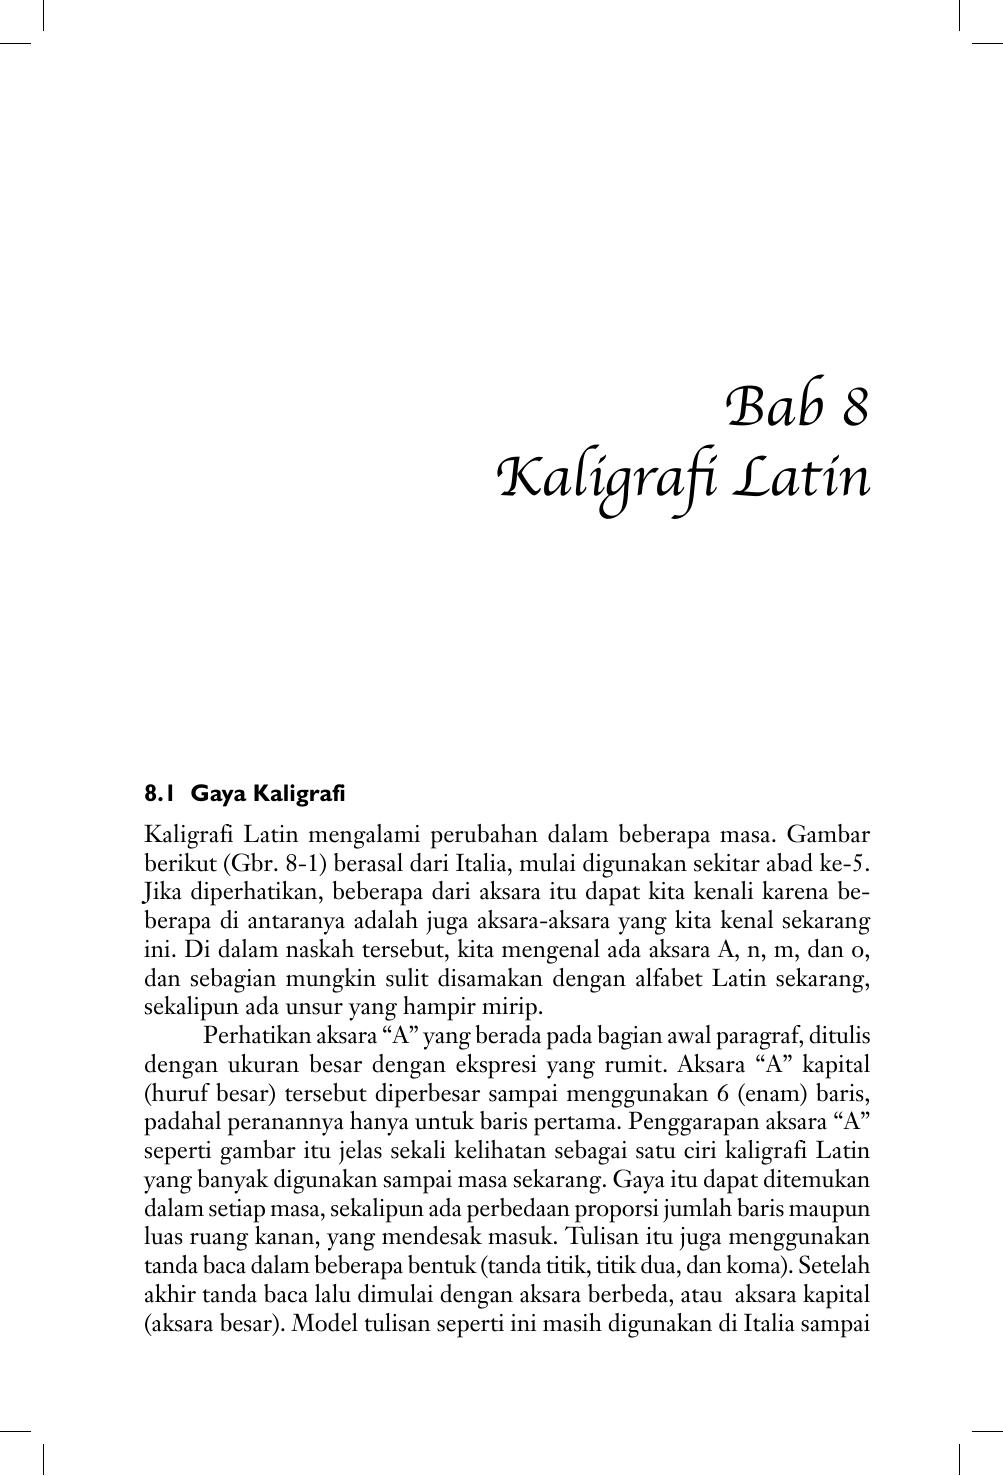 Kaligrafi Bab 8